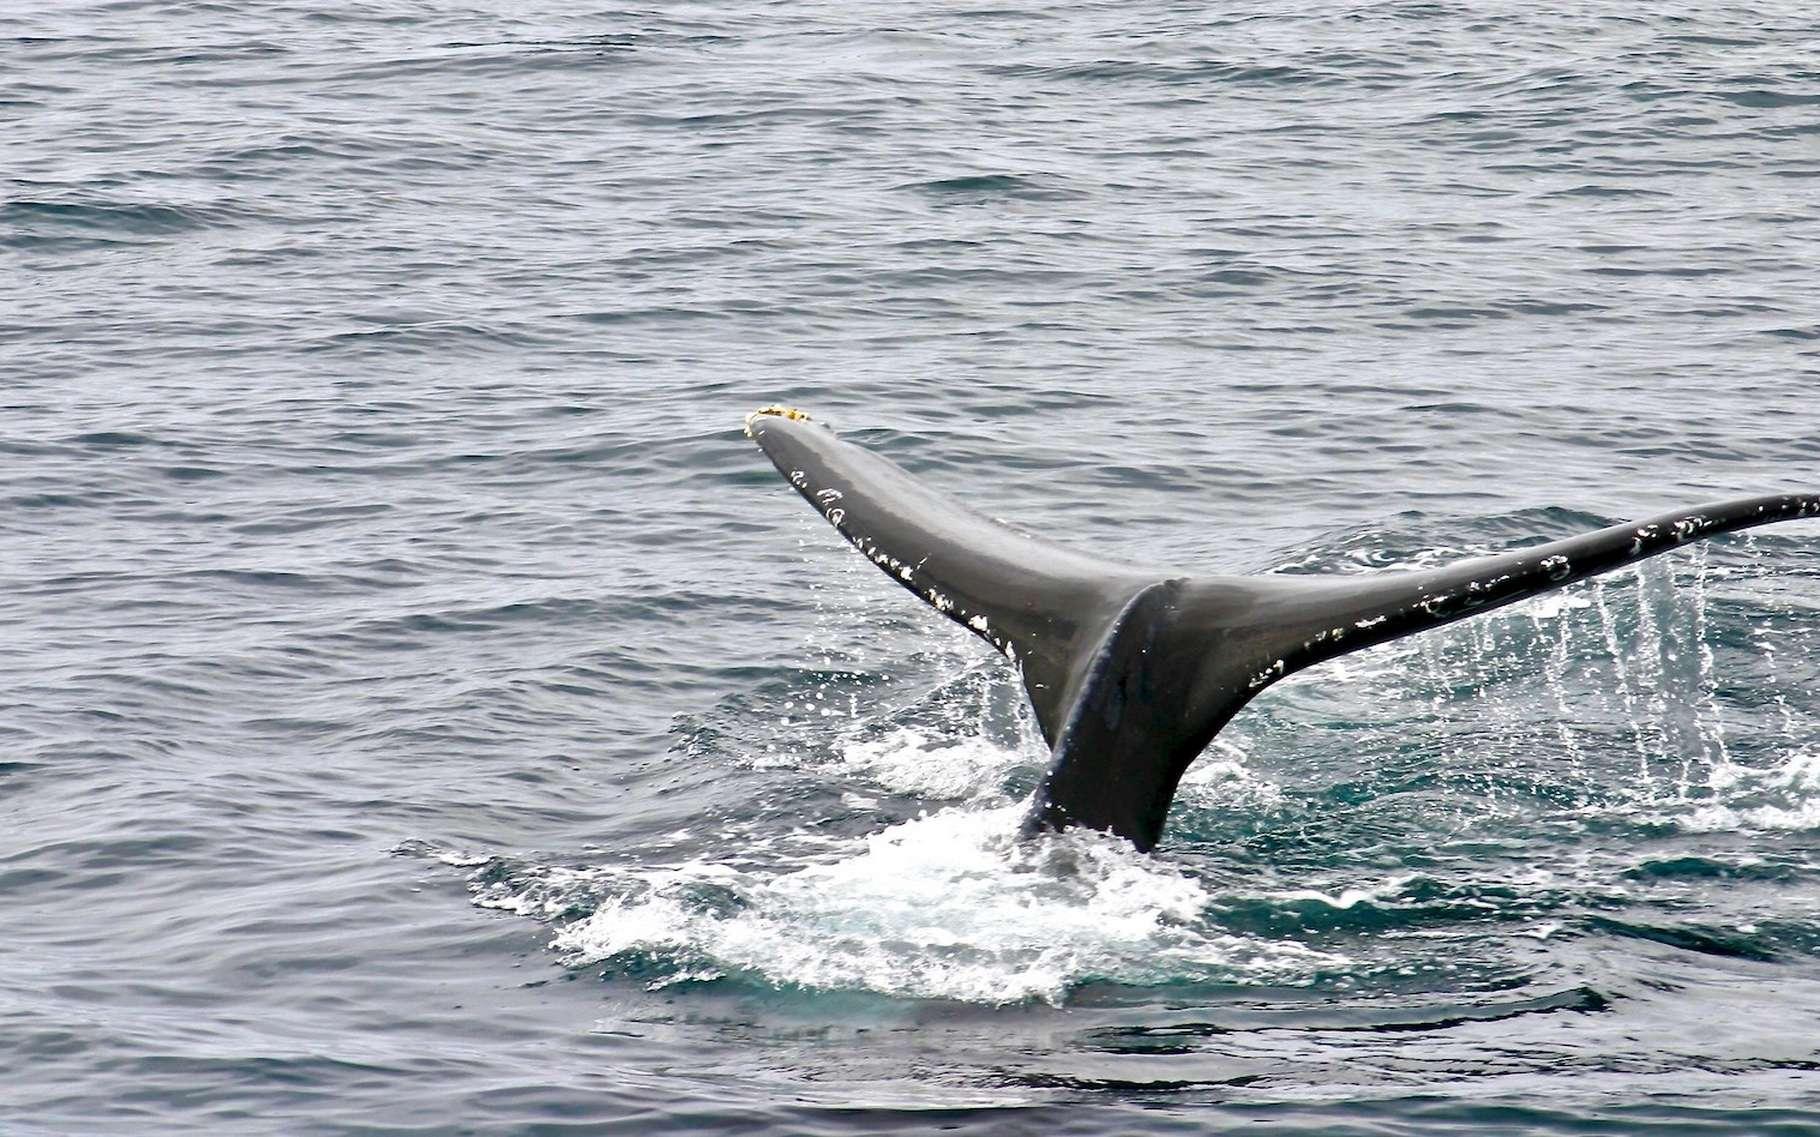 Selon les chercheurs, les sonars stressent les baleines au point de provoquer chez elles des comportements qui les conduisent à risquer l'accident de décompression. © James & Carol Lee, Unsplash